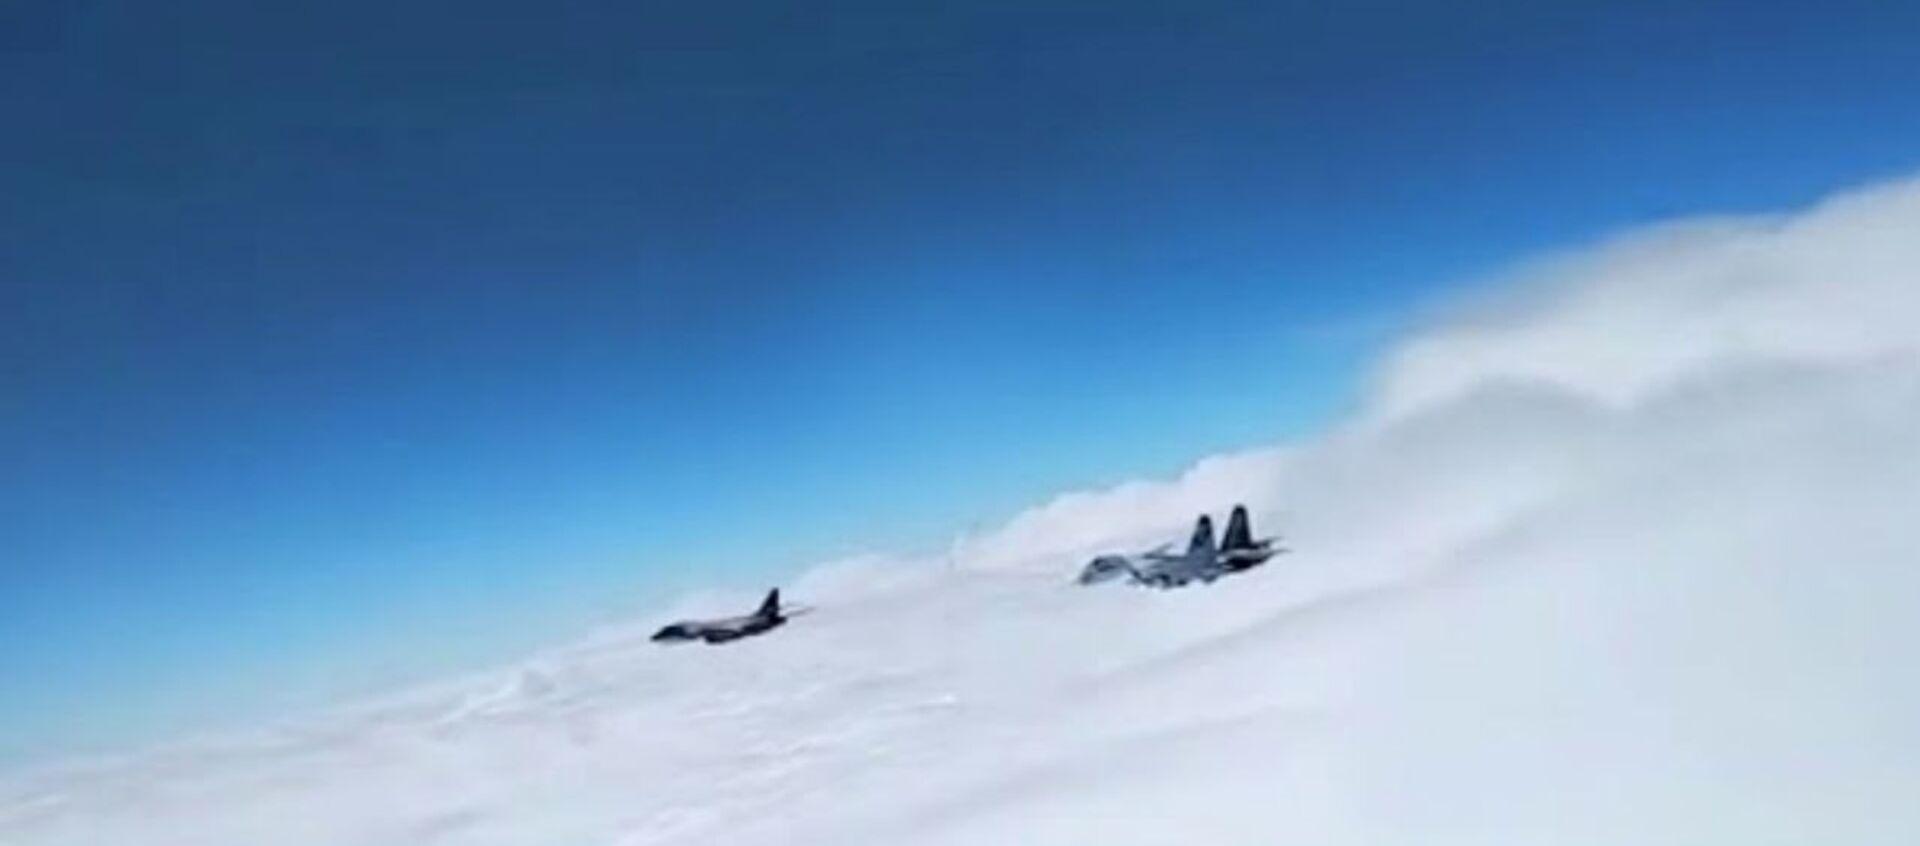 Российские истребители вновь перехватили американский самолет-шпион — видео - Sputnik Таджикистан, 1920, 31.05.2020